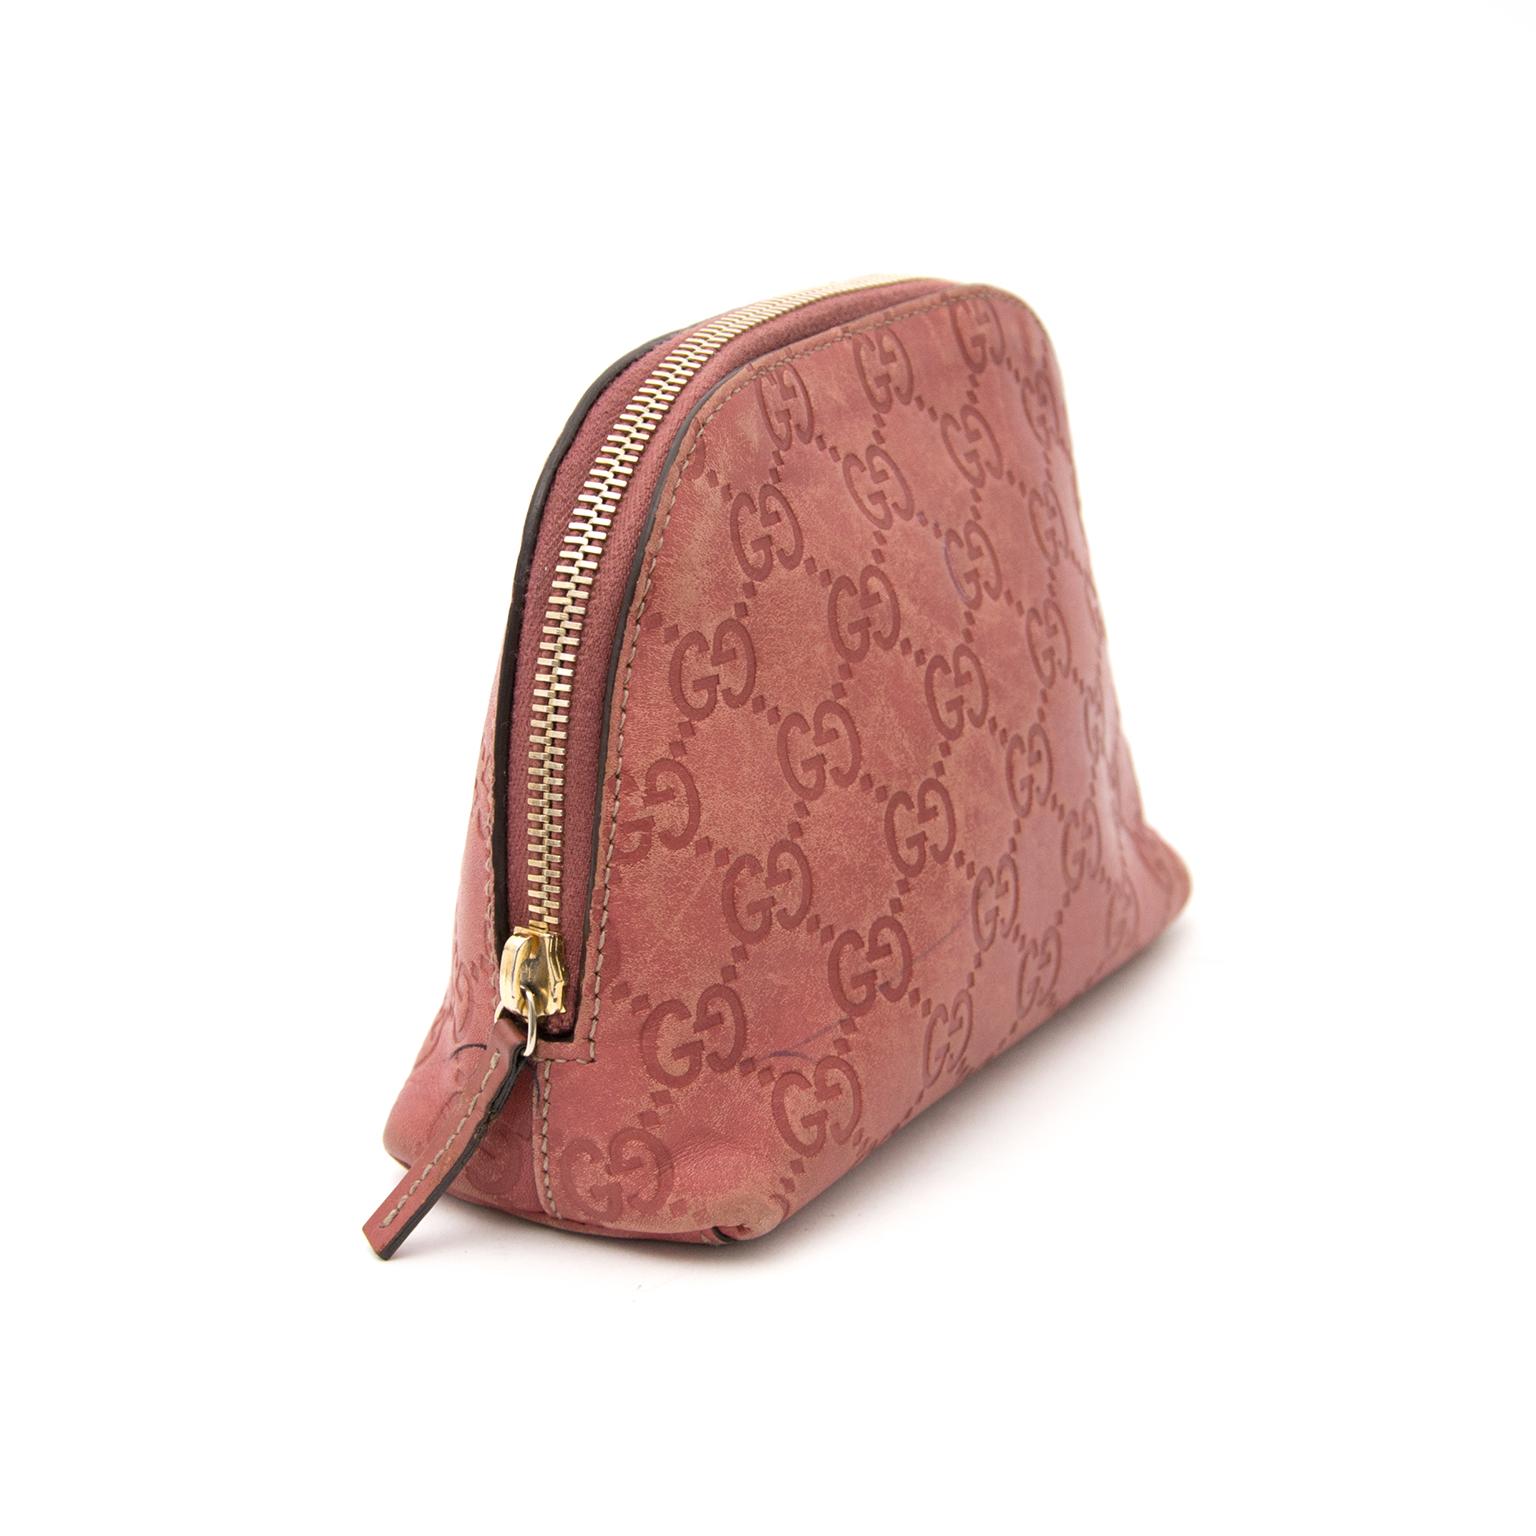 Koop en verkoop uw gucci monogram guccissima roze cosmetica tasje nu online bij labellov.com